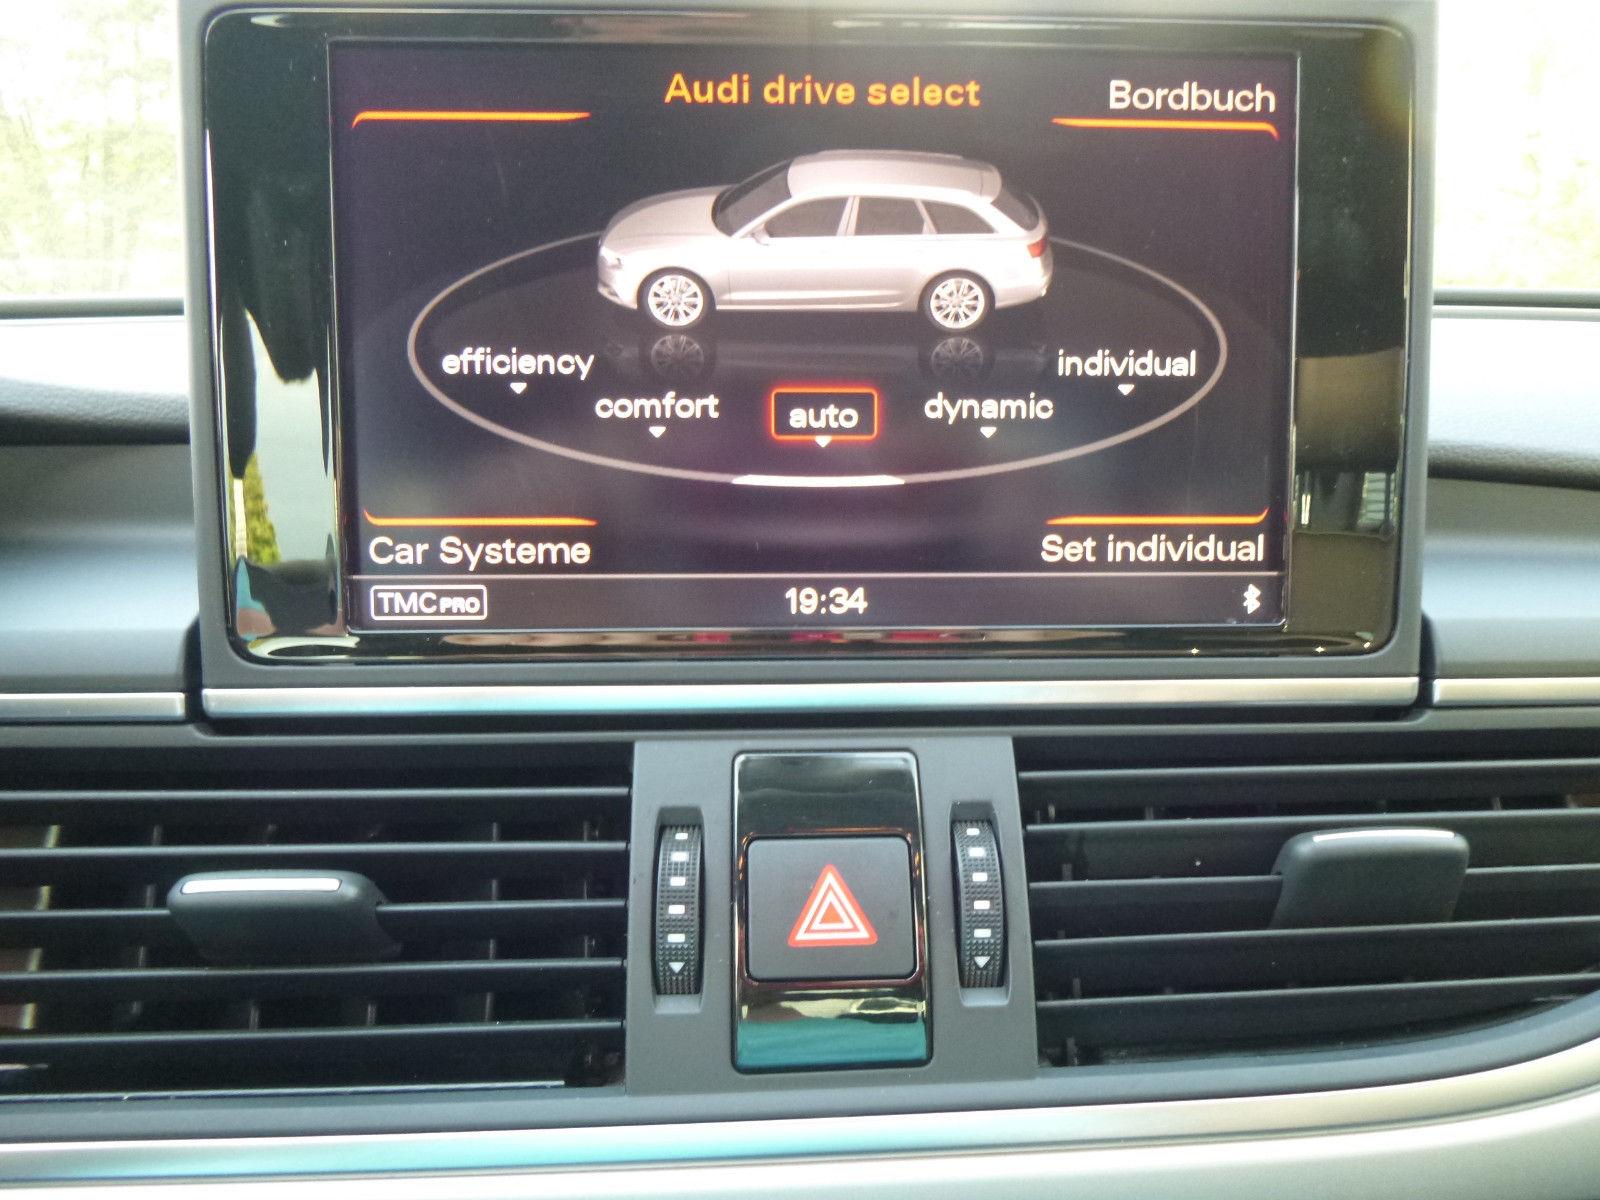 Покупка на кола от Германия -Ауди А6 2013-та, 2.0 TDI, 177 к.с.; 09.09.2017 Галерия (17)